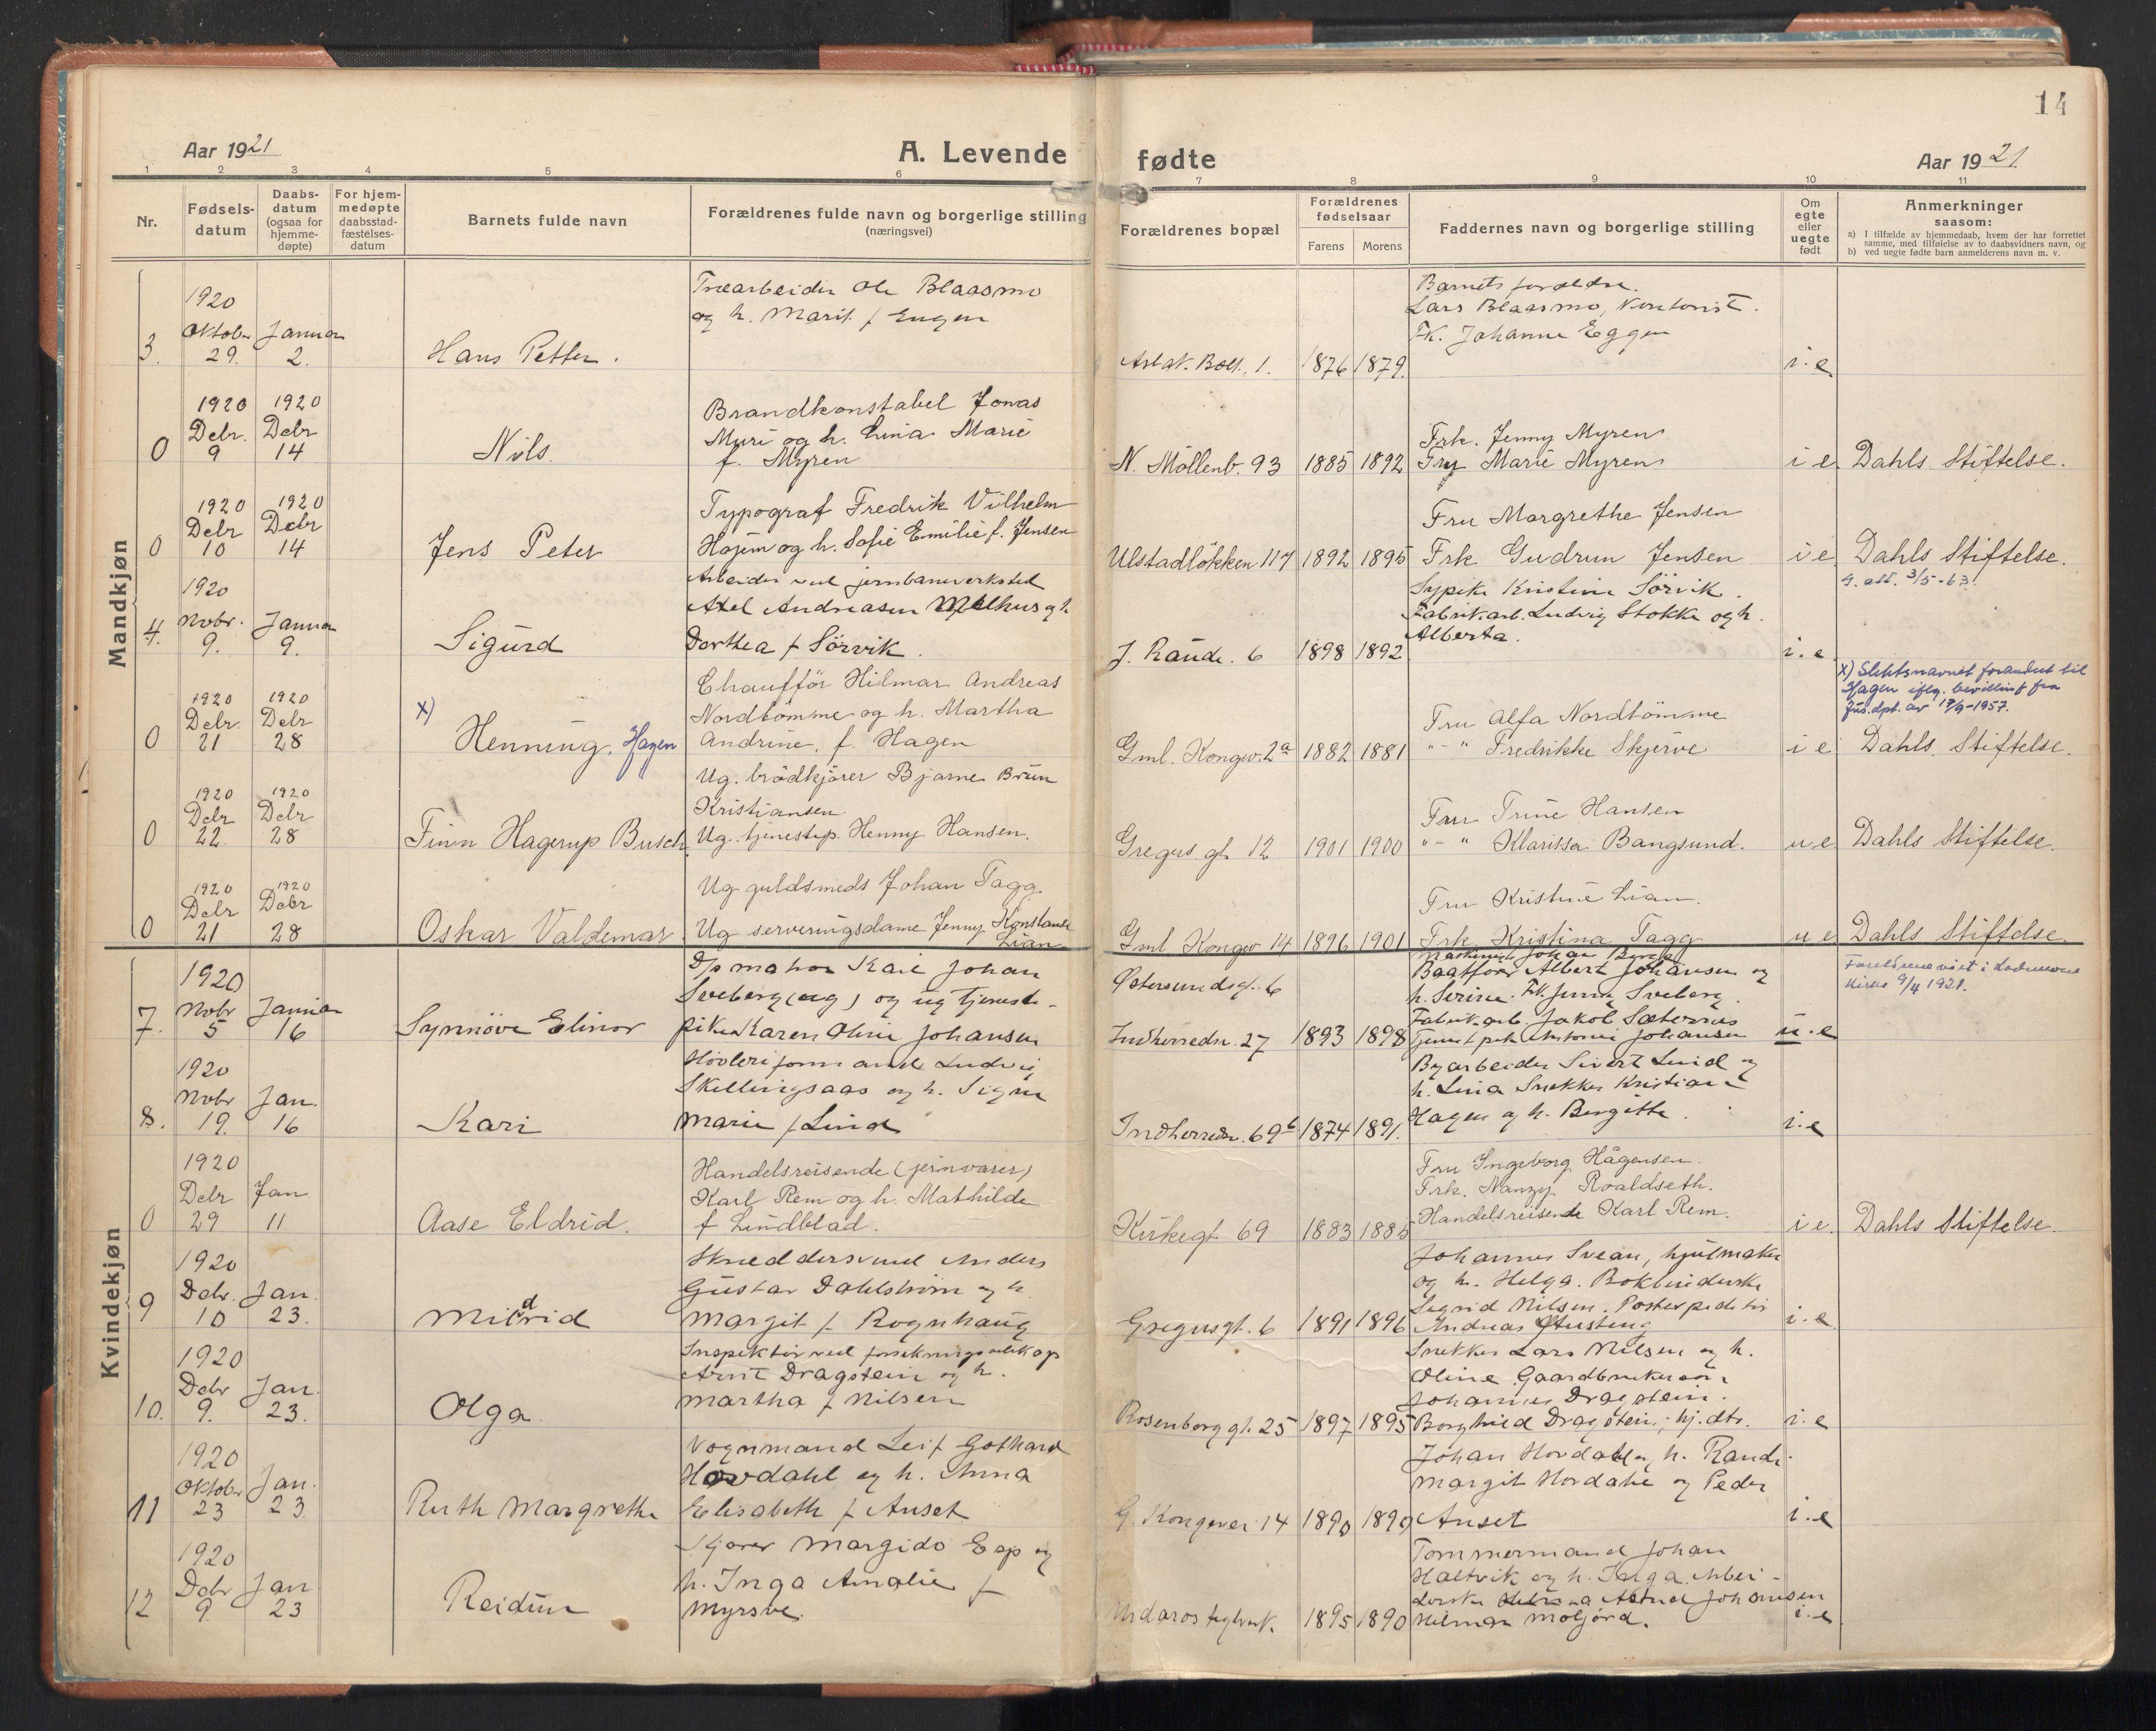 SAT, Ministerialprotokoller, klokkerbøker og fødselsregistre - Sør-Trøndelag, 605/L0248: Ministerialbok nr. 605A10, 1920-1937, s. 14